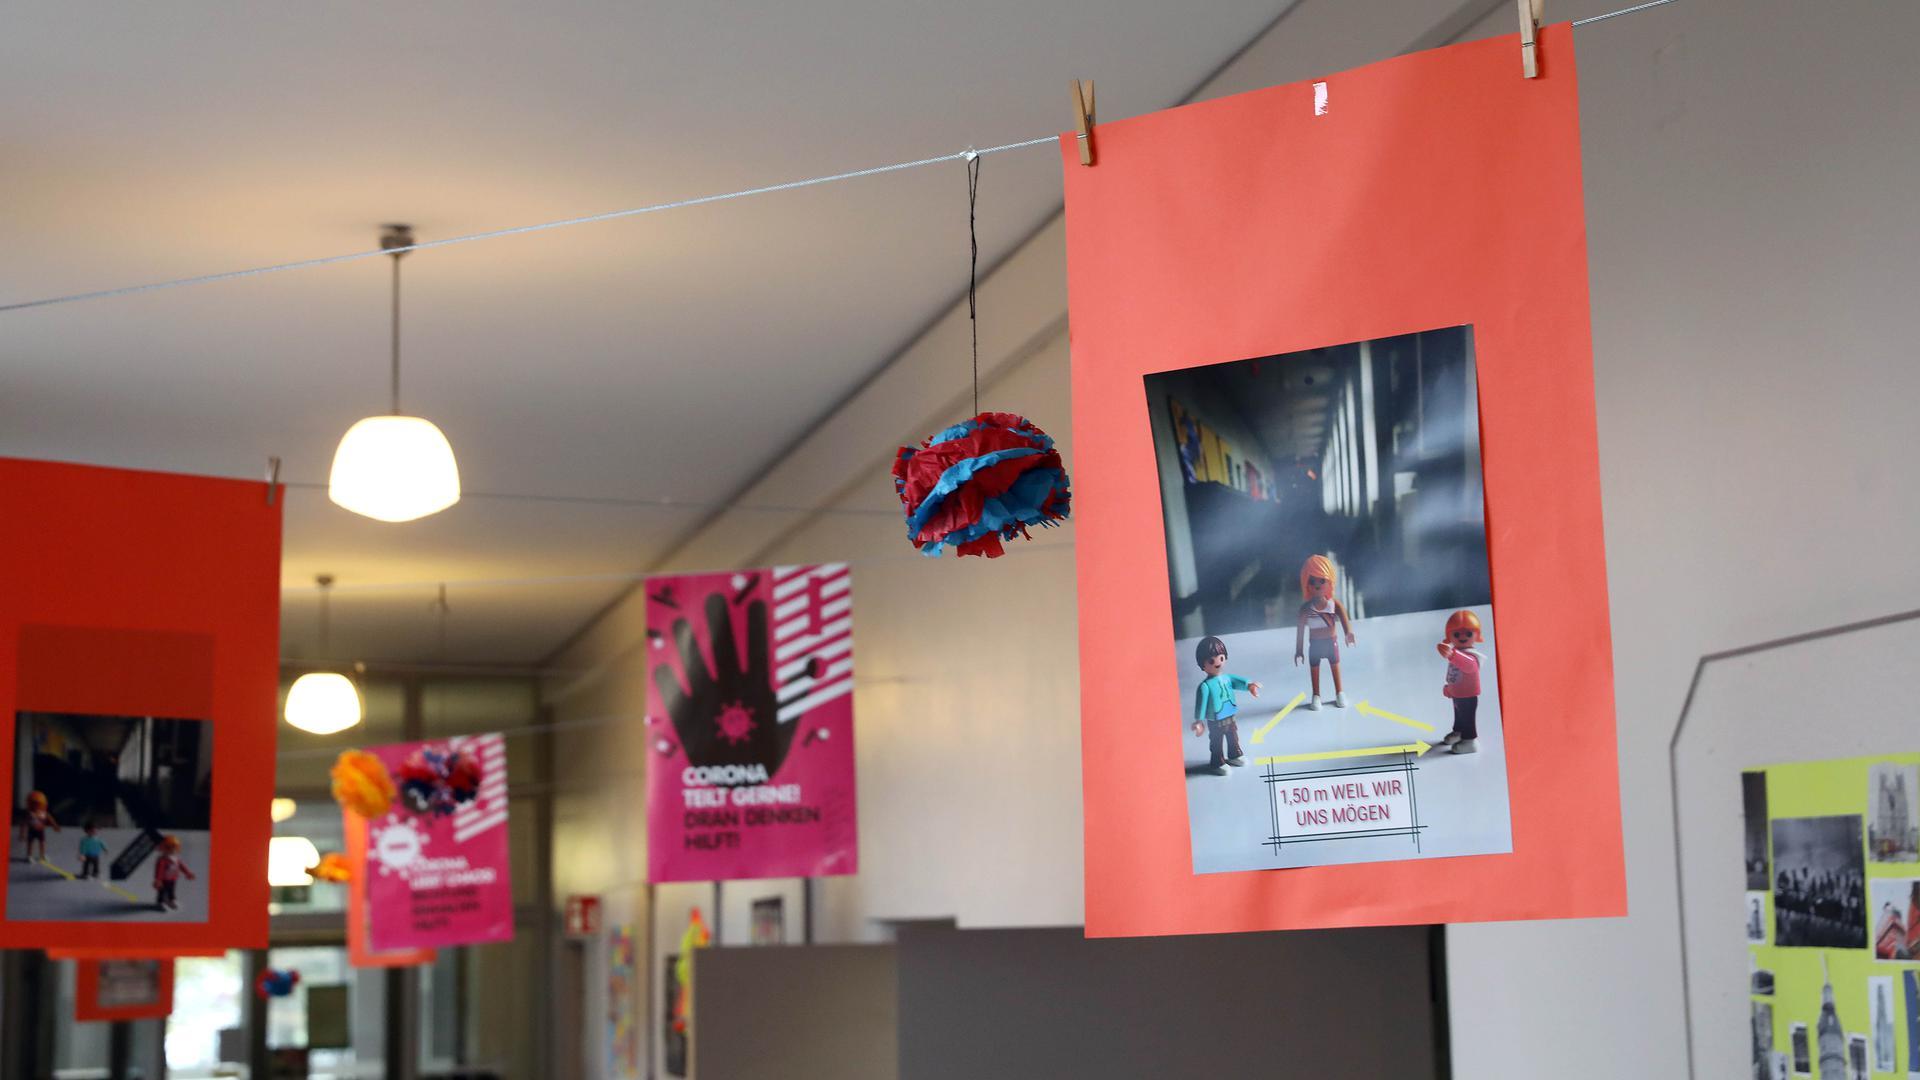 Klare Vorgaben: Durch das Einhalten von Hygieneregeln wie Maskenpflicht, Abstand halten und Lüften konnten an Karlsruher Lehranstalten wie der Schillerschule Folgeinfektionen mit dem Coronavirus bislang minimiert werden.